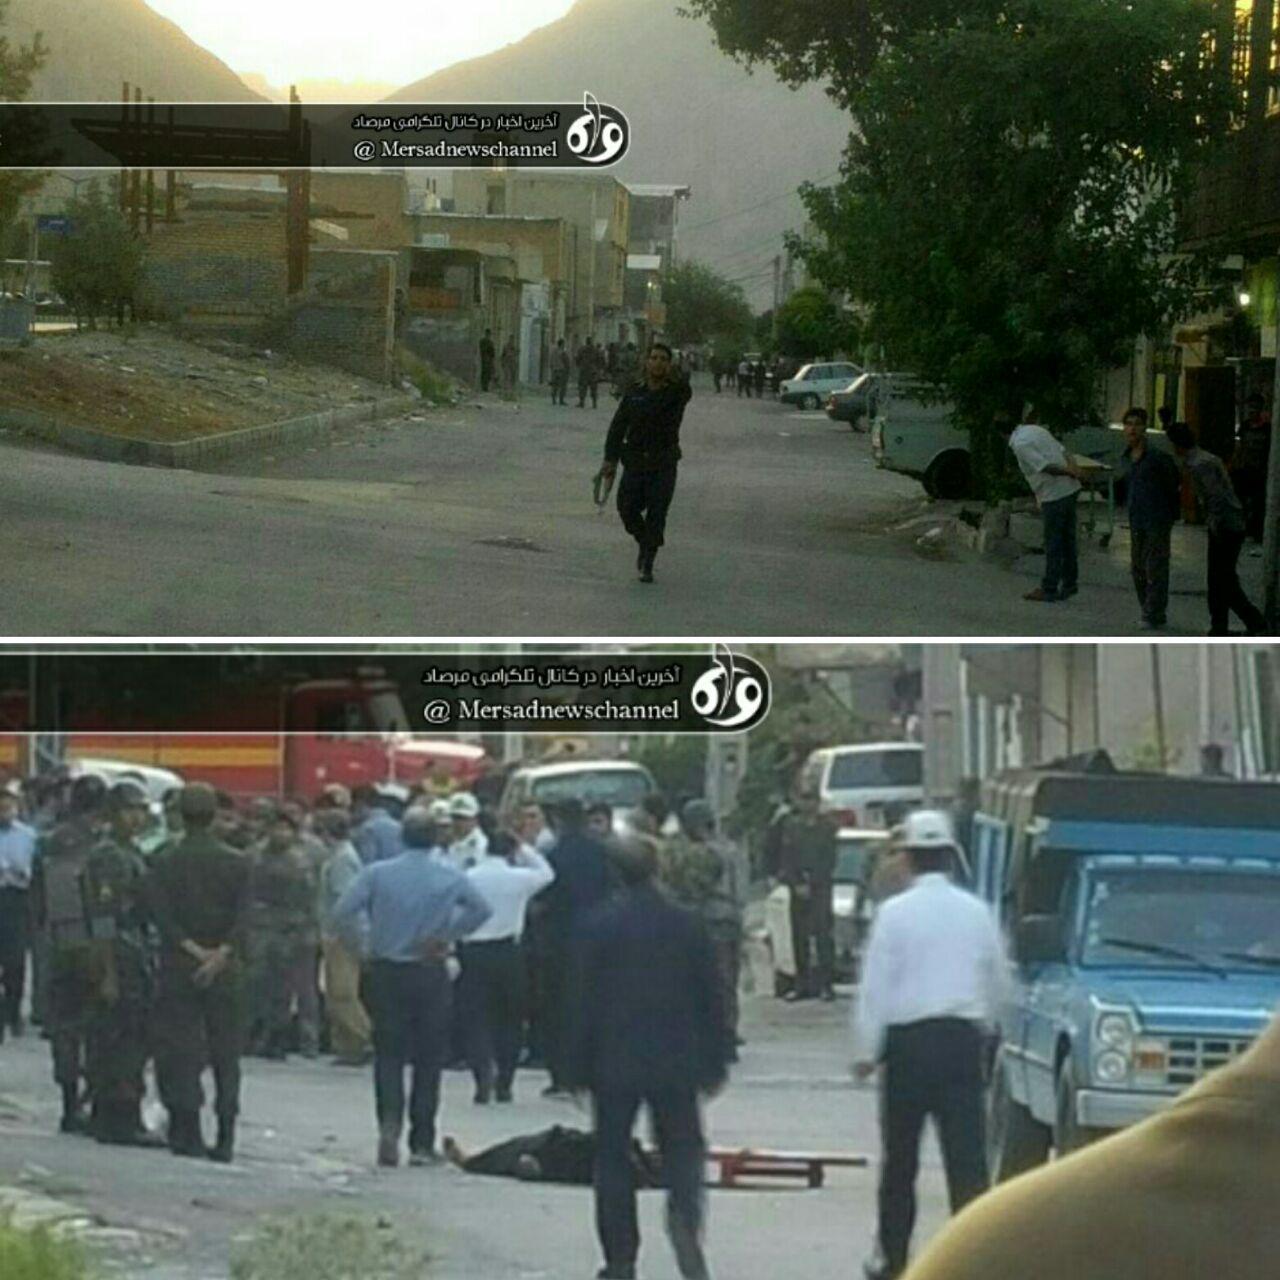 پلیس: کشته شدن 3 تکفیری در درگیری مسلحانه در کرمانشاه (+عکس و فیلم)